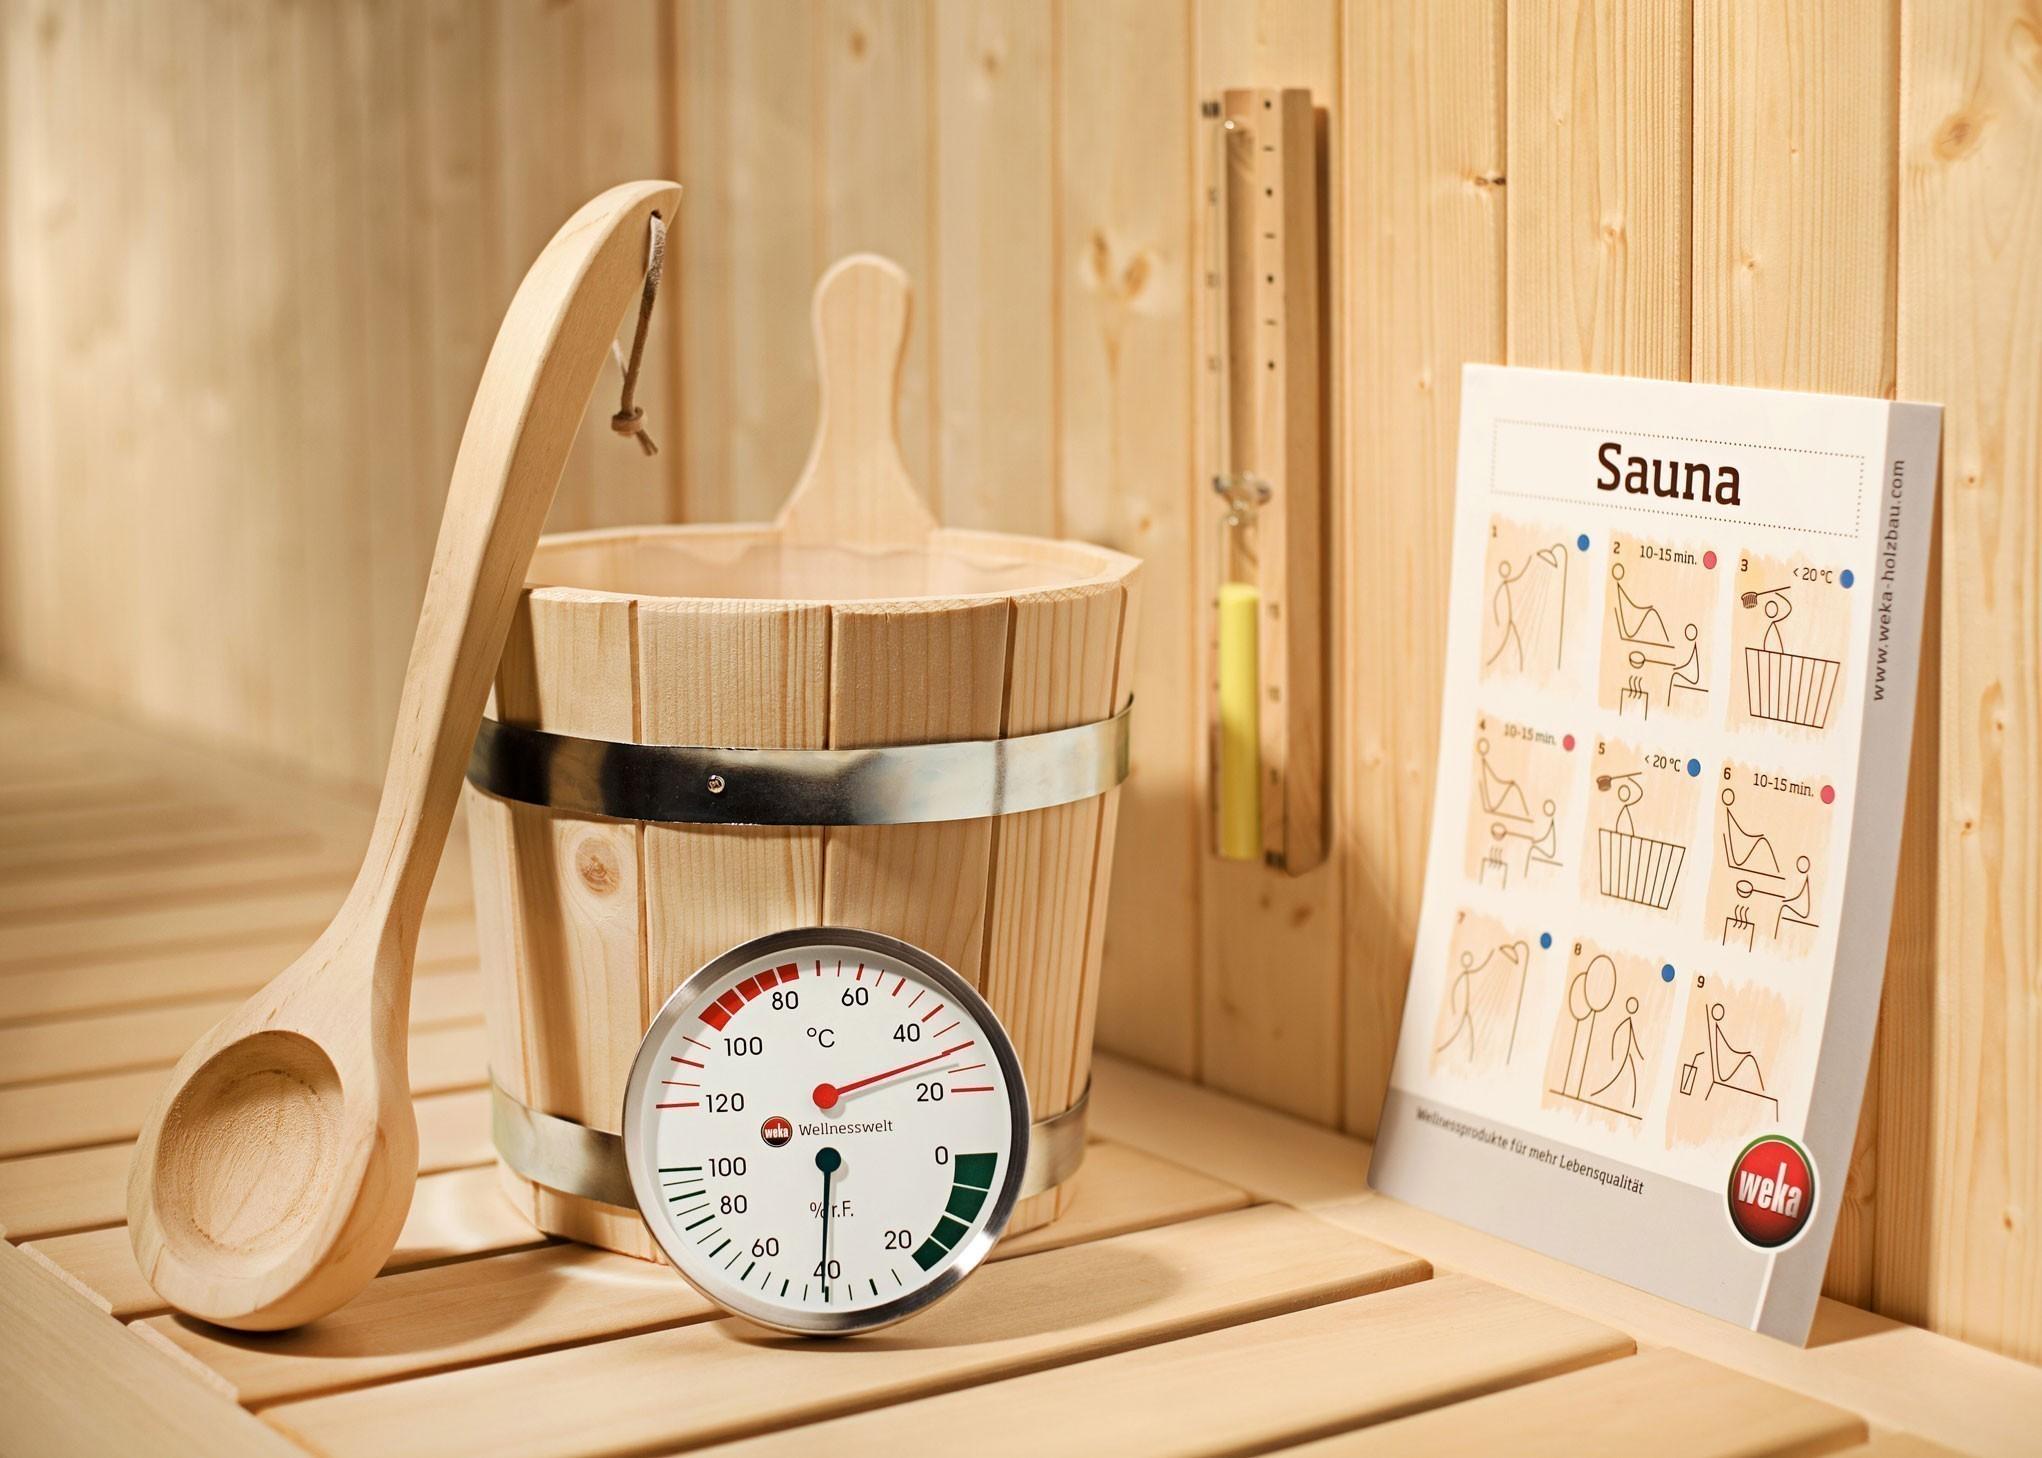 Sauna Zubehör Set Weka 5-teilig Bild 1